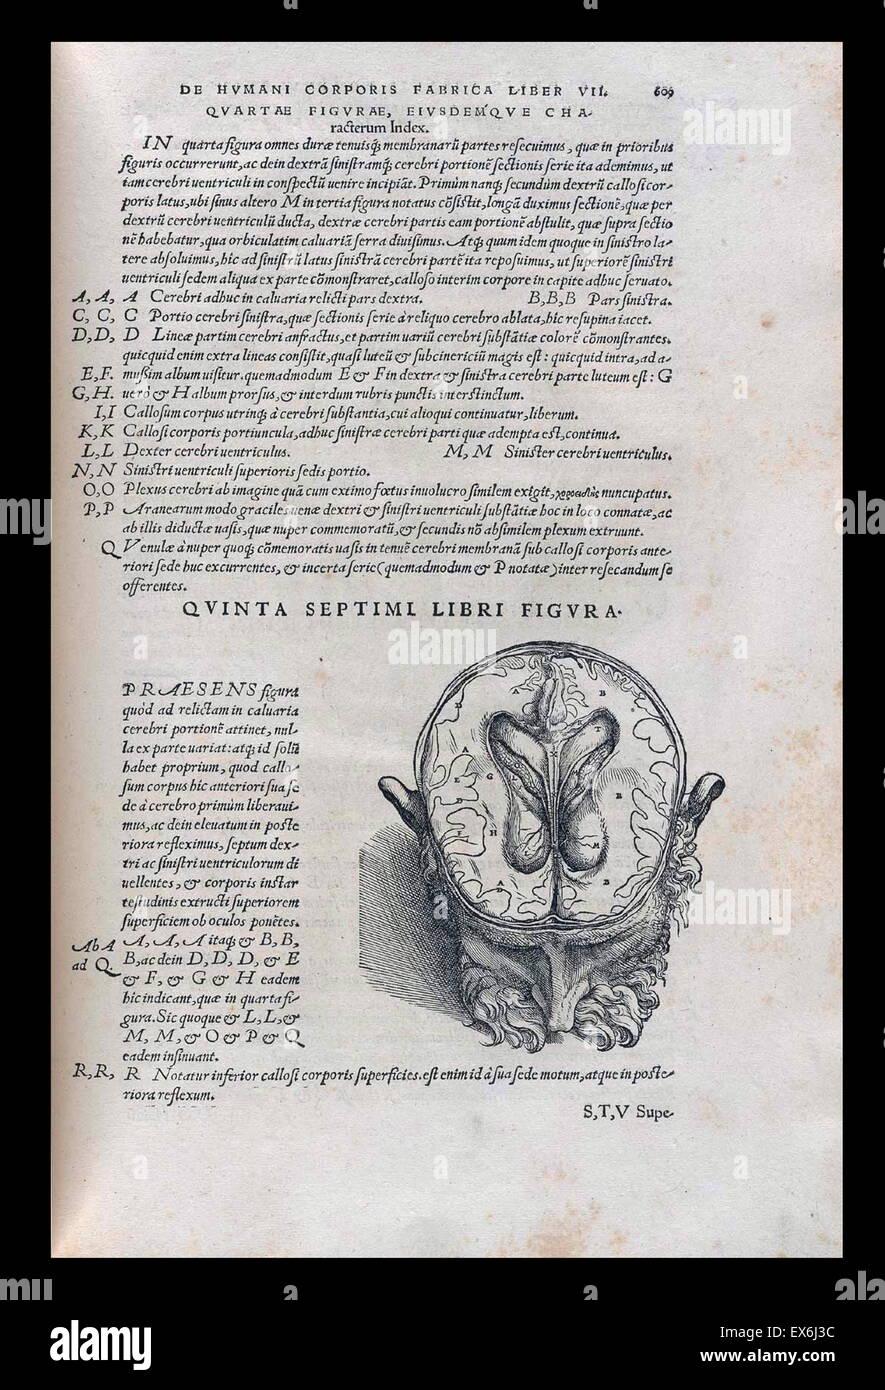 de humani corporis fabrica libri septem pdf